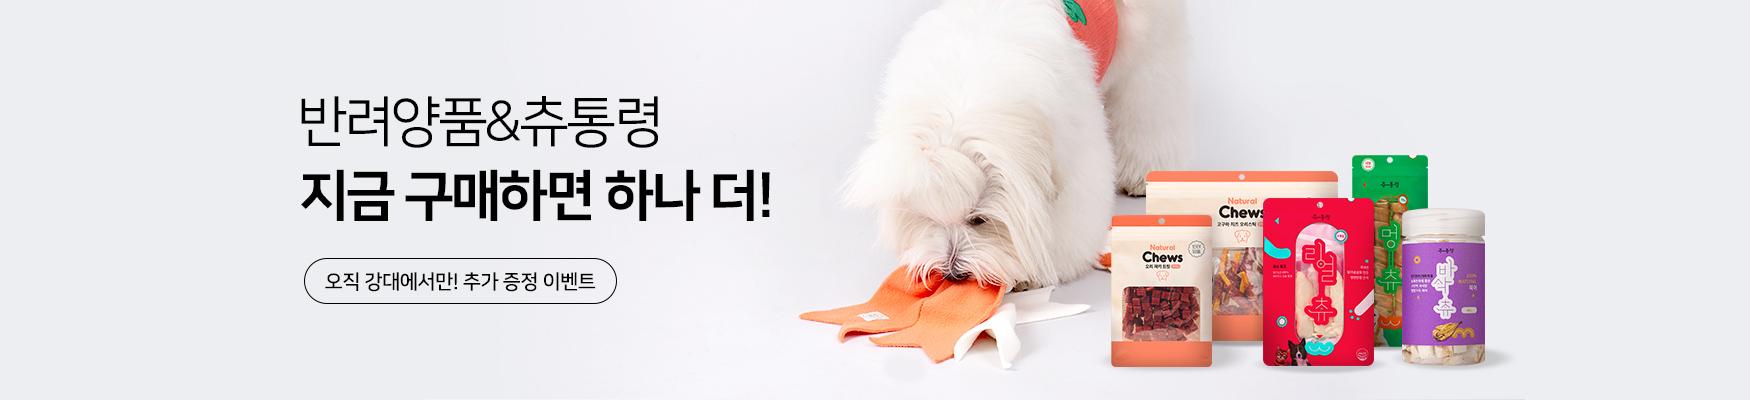 [9월행사] 강대PB